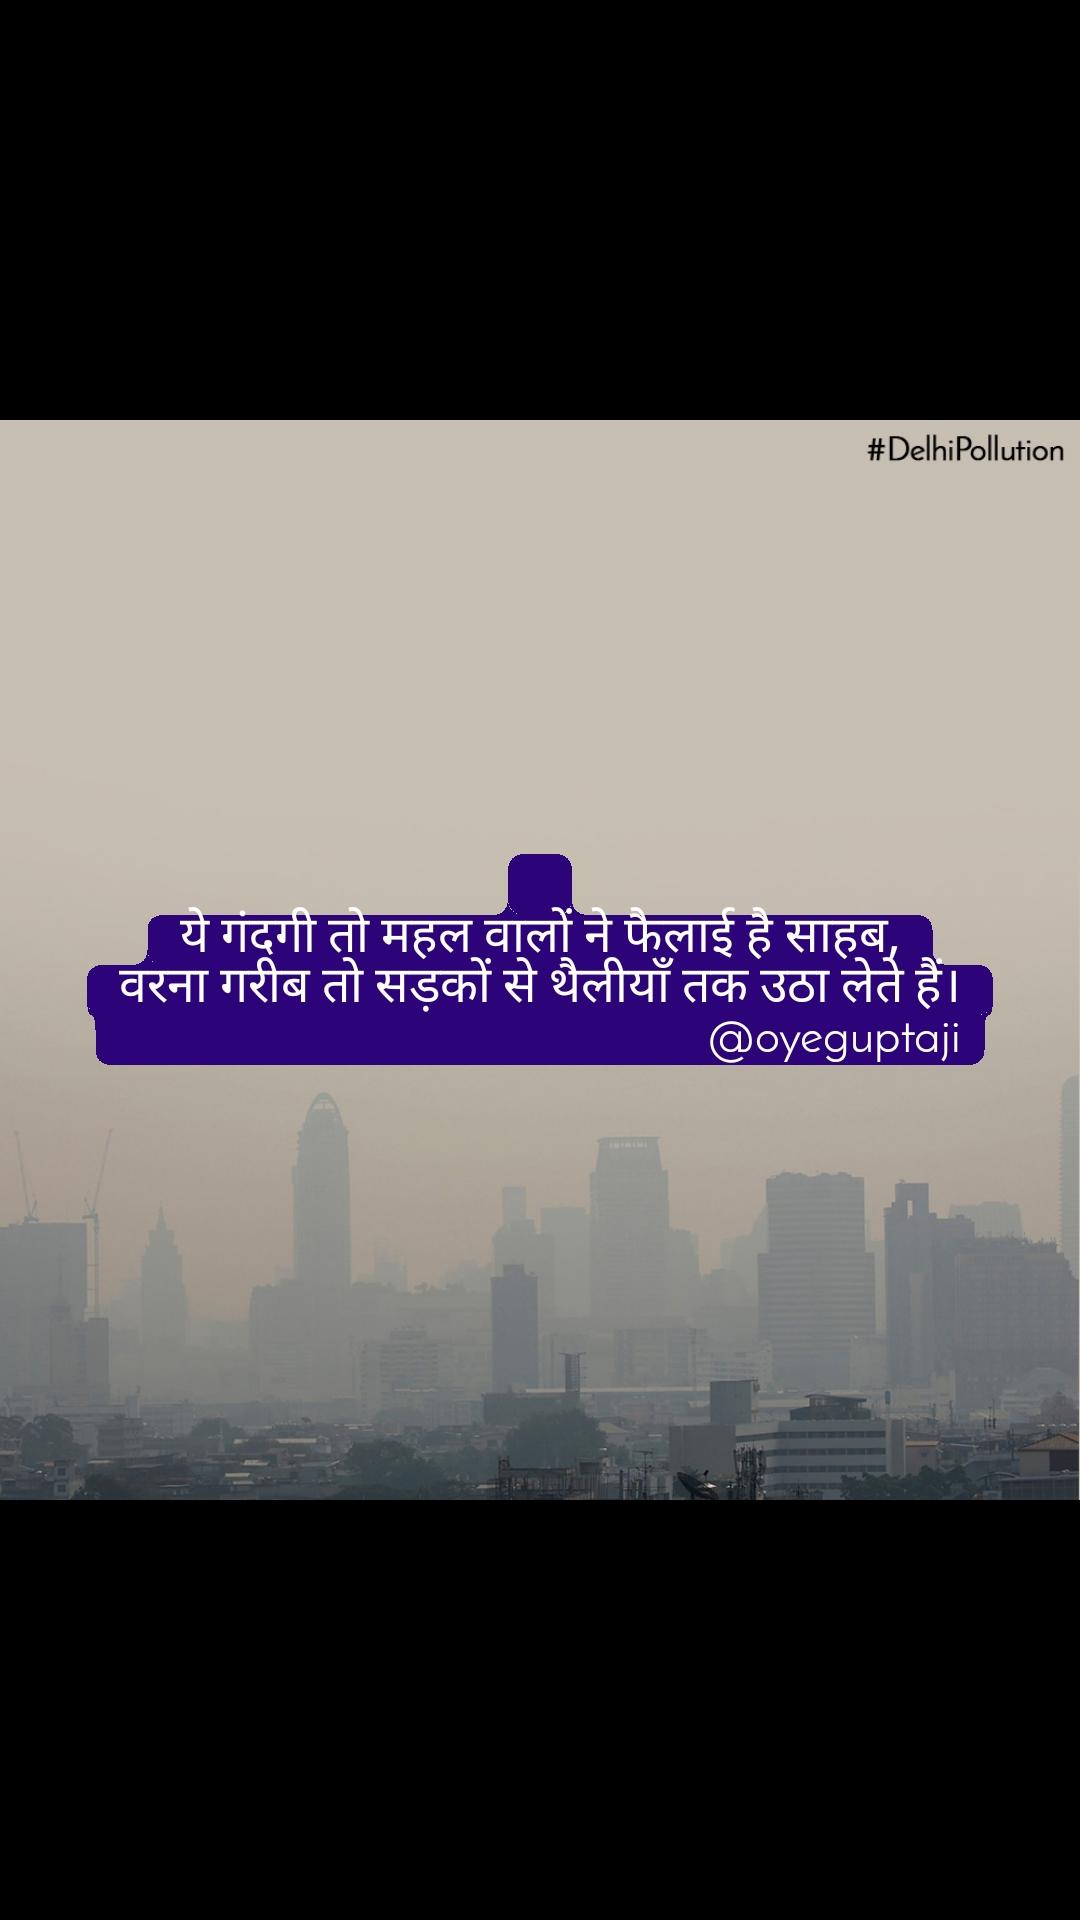 #DelhiPollution  ये गंदगी तो महल वालों ने फैलाई है साहब, वरना गरीब तो सड़कों से थैलीयाँ तक उठा लेते हैं।                                                  @oyeguptaji